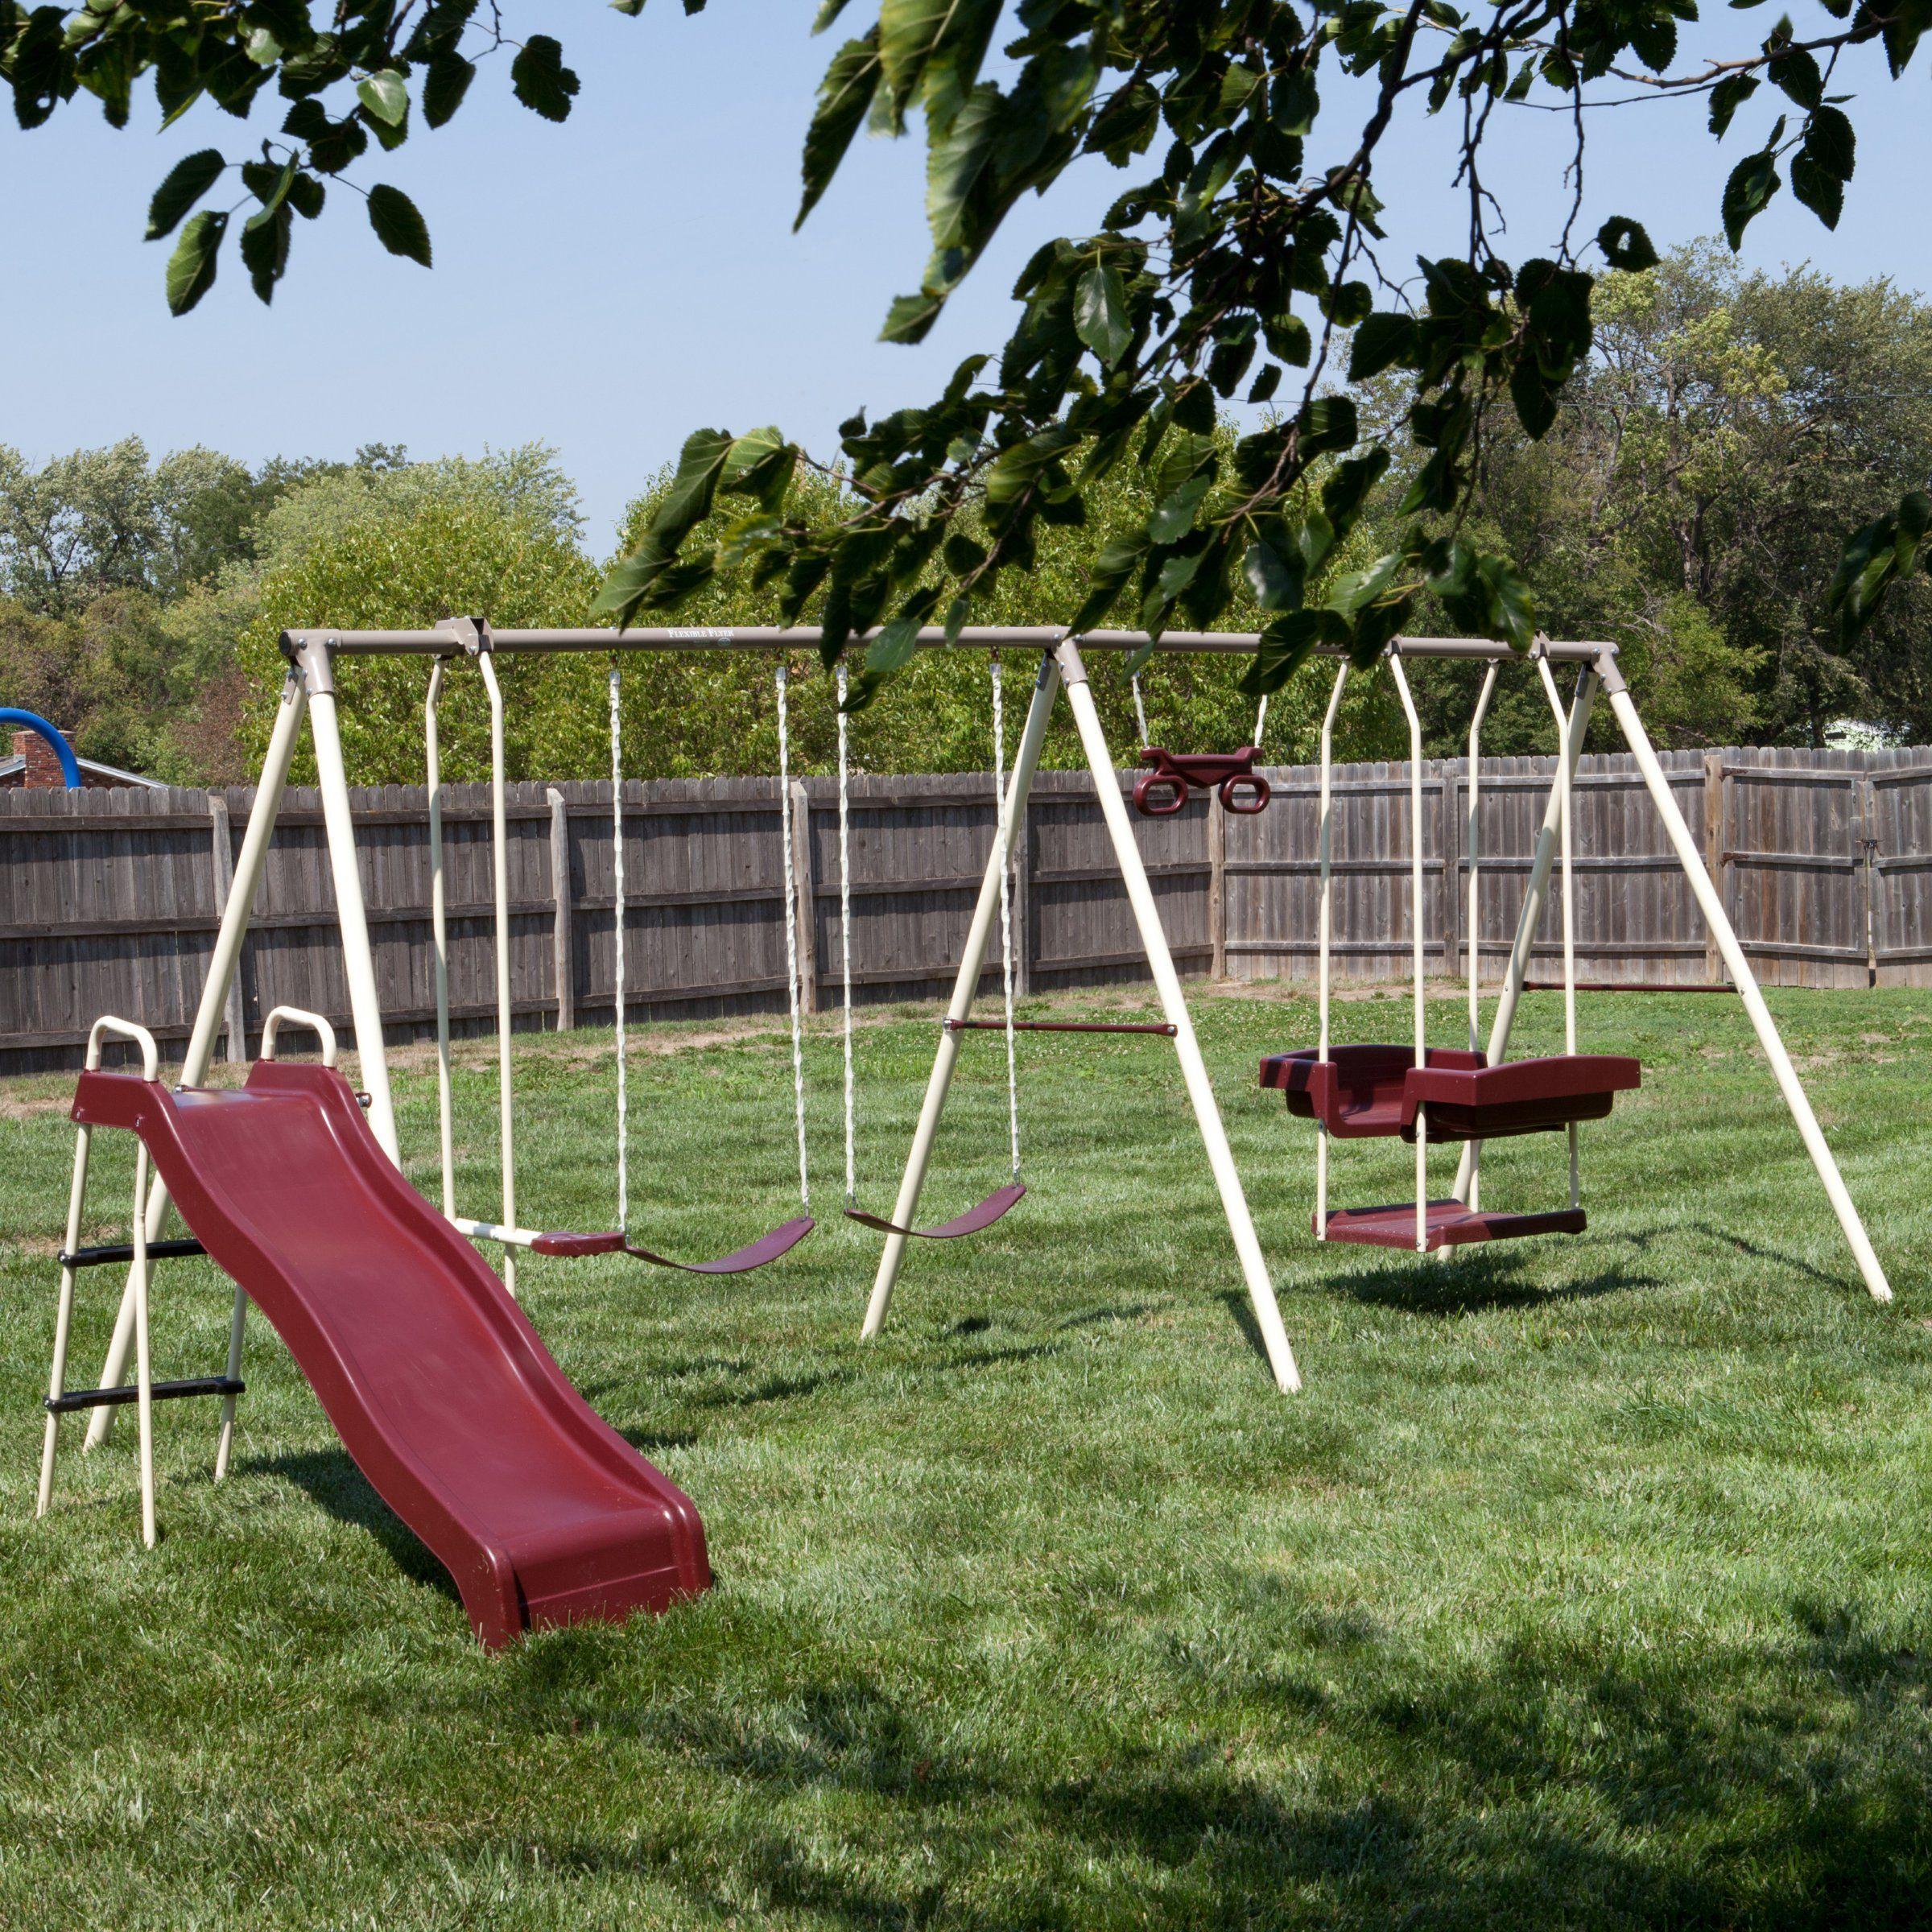 Flexible Flyer Play Park Swing Set Www Hayneedle Com Metal Swing Sets Park Swings Swing Set